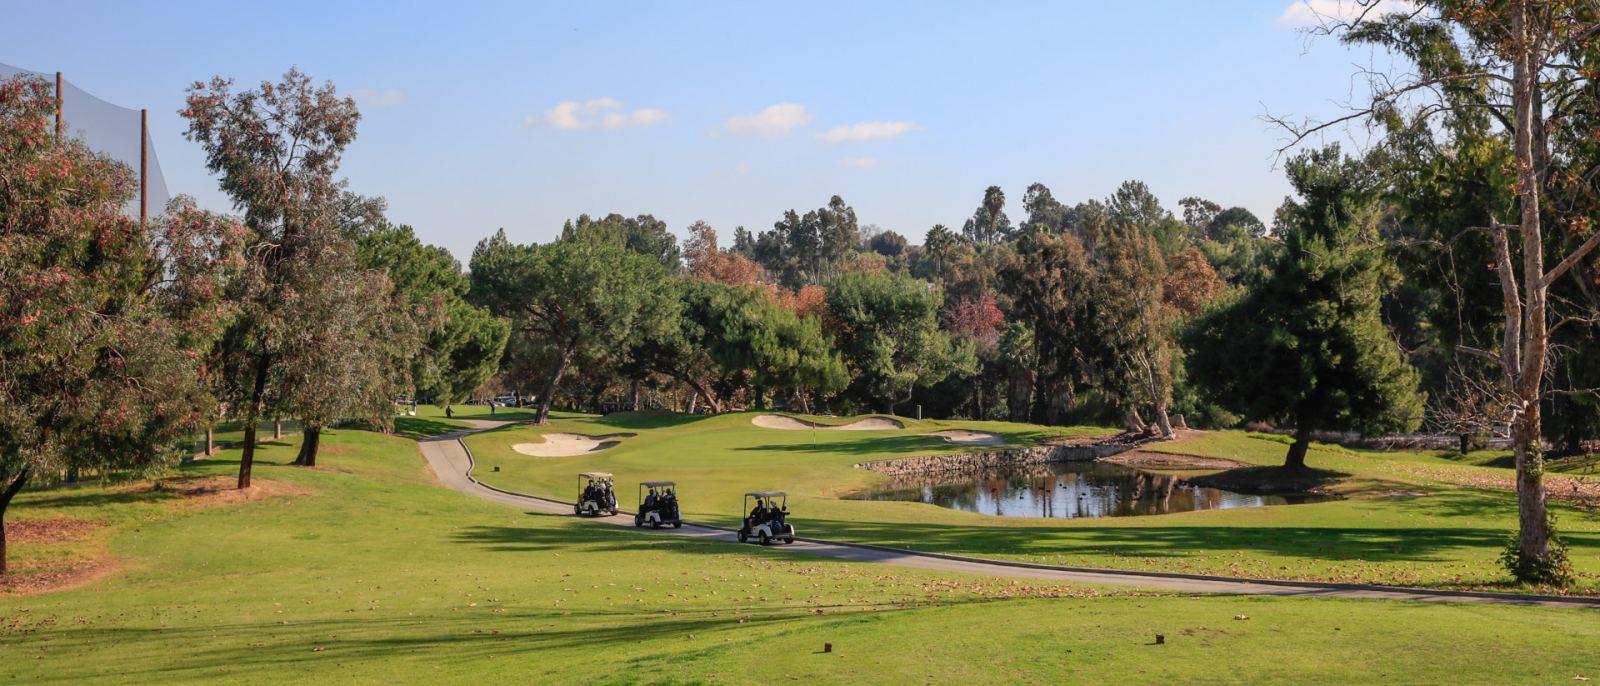 Mountain Meadows Golf Course golf carts